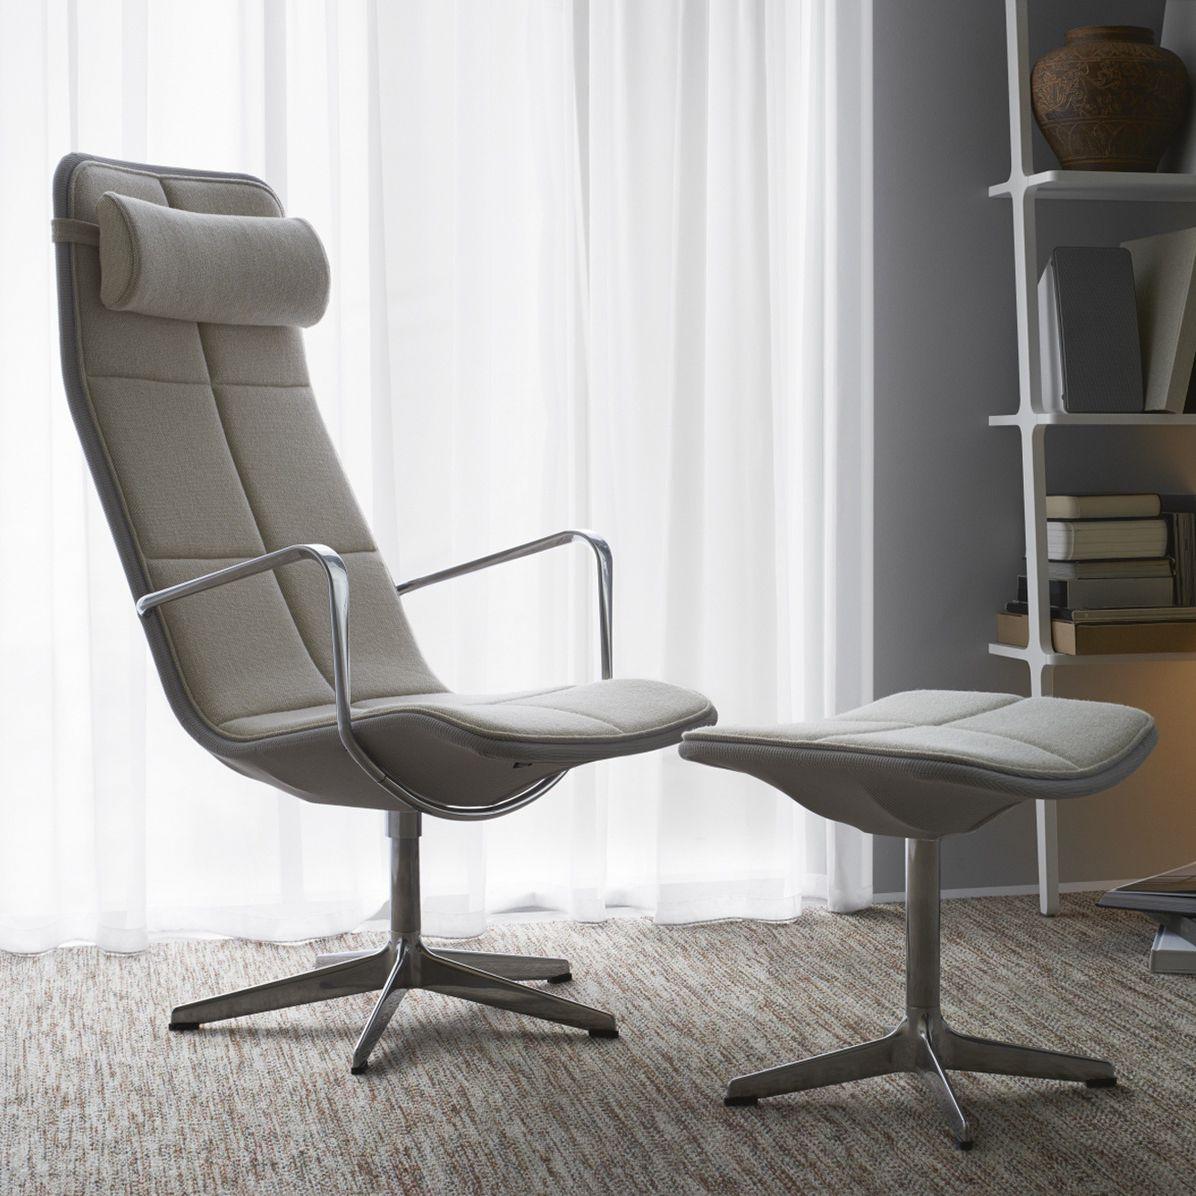 Einzigartig Sessel Hohe Rückenlehne Foto Von Moderner / Leder / Mit Hoher Rückenlehne